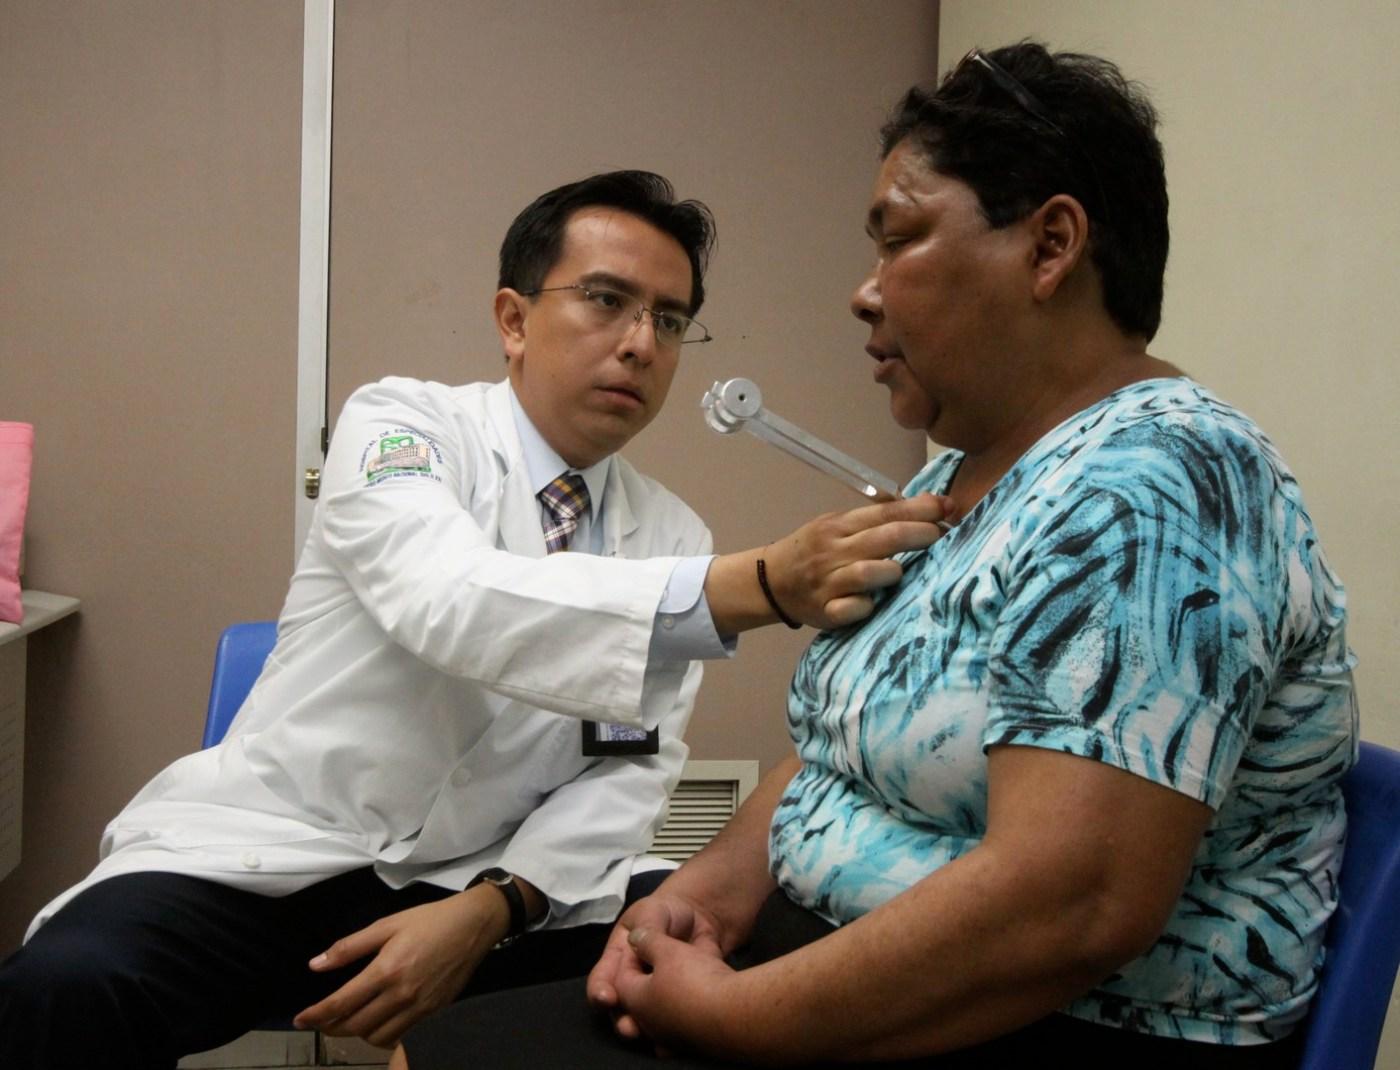 La esclerosis múltiple afecta más a personas de entre 20 y 40 años